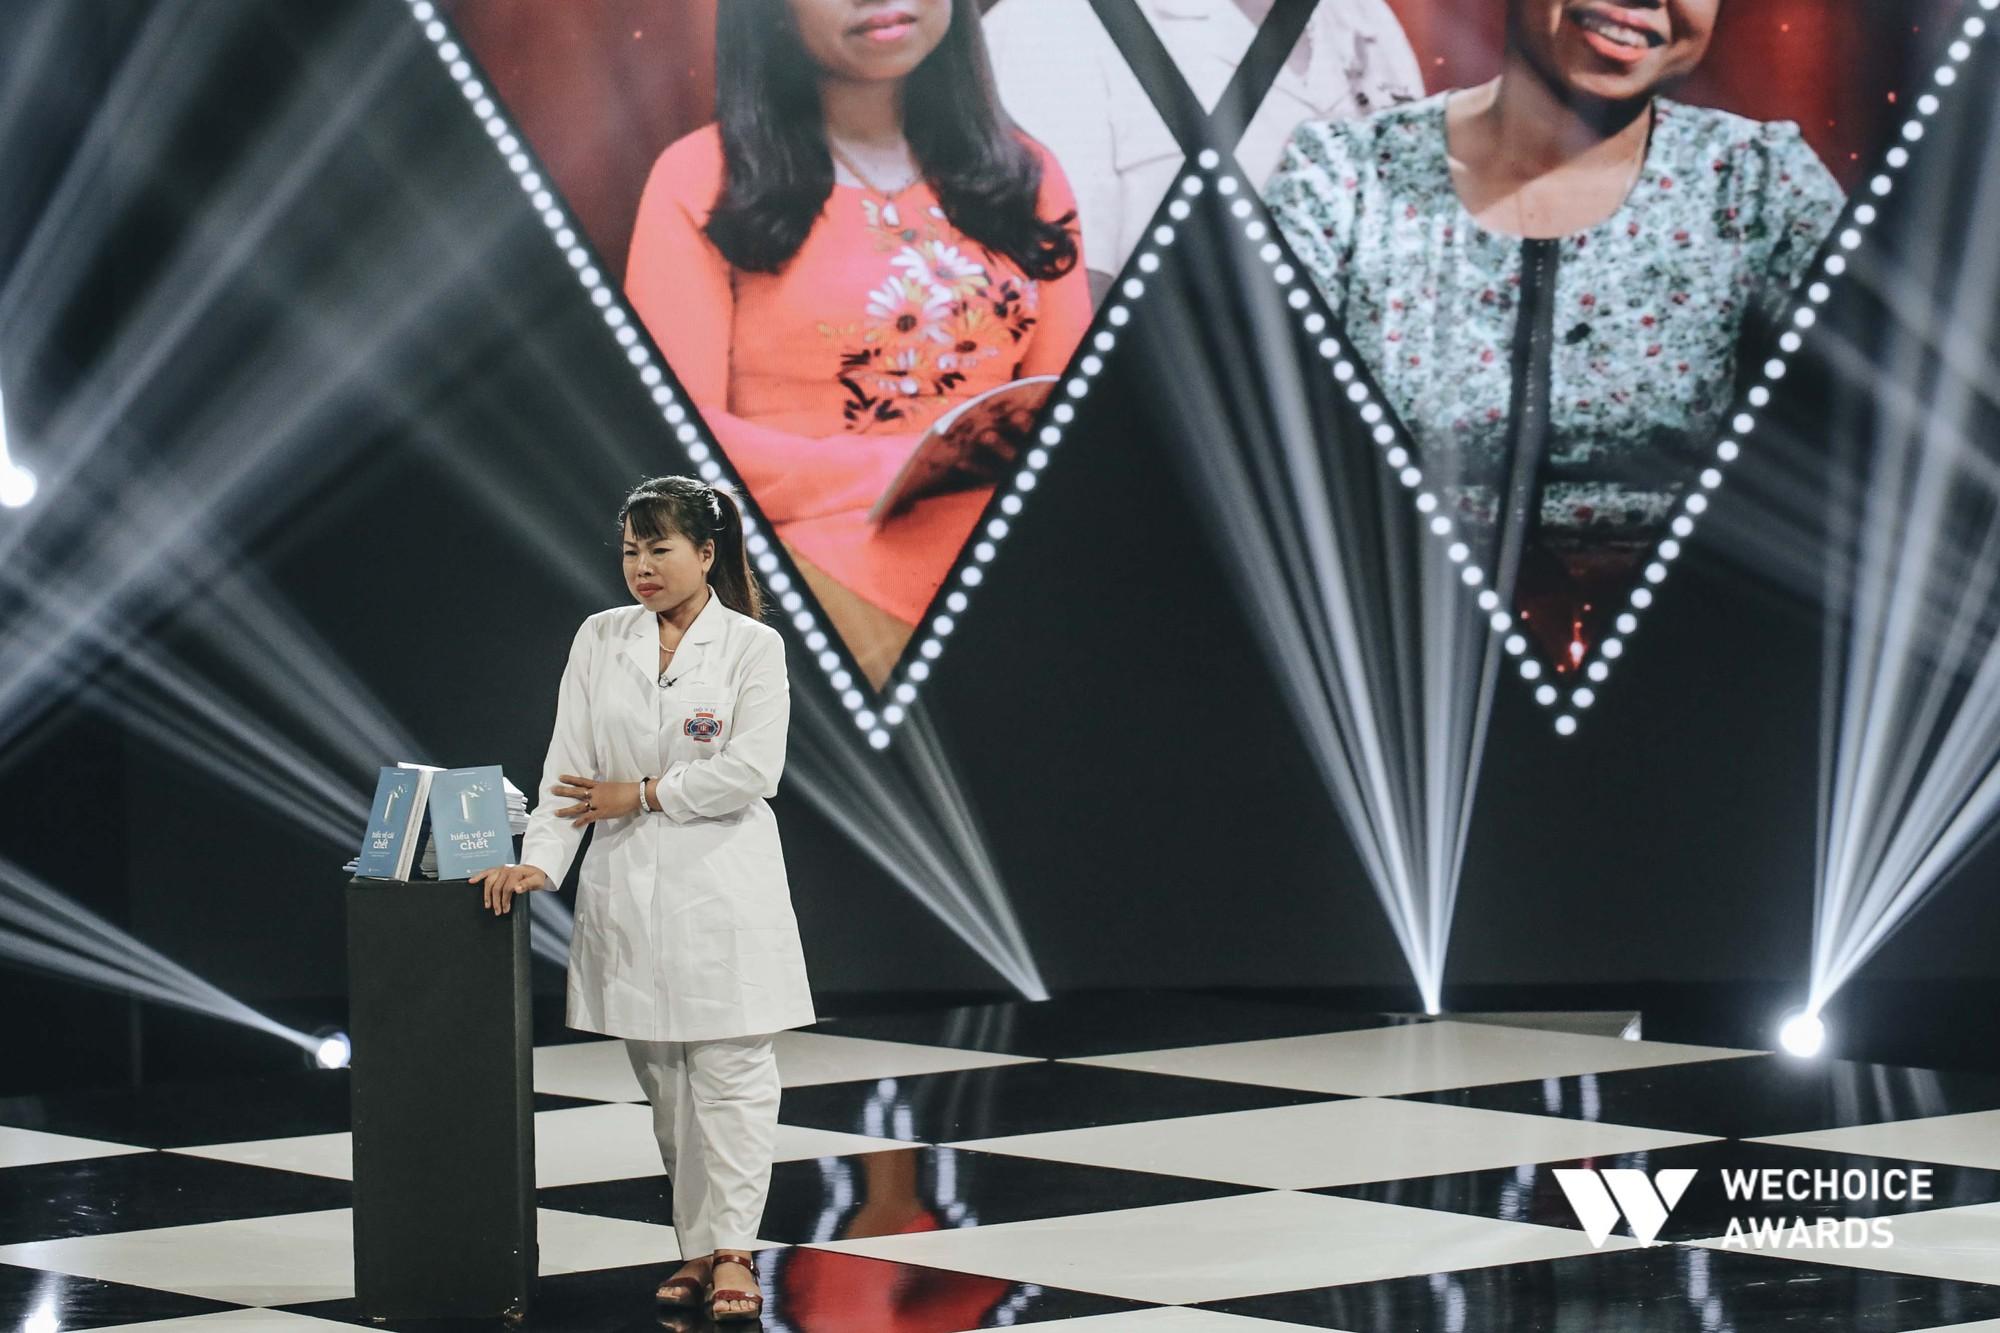 Hành trình truyền cảm hứng phiên bản Wetalk tháng 9: Khi những yêu thương hóa thành động lực - Ảnh 3.